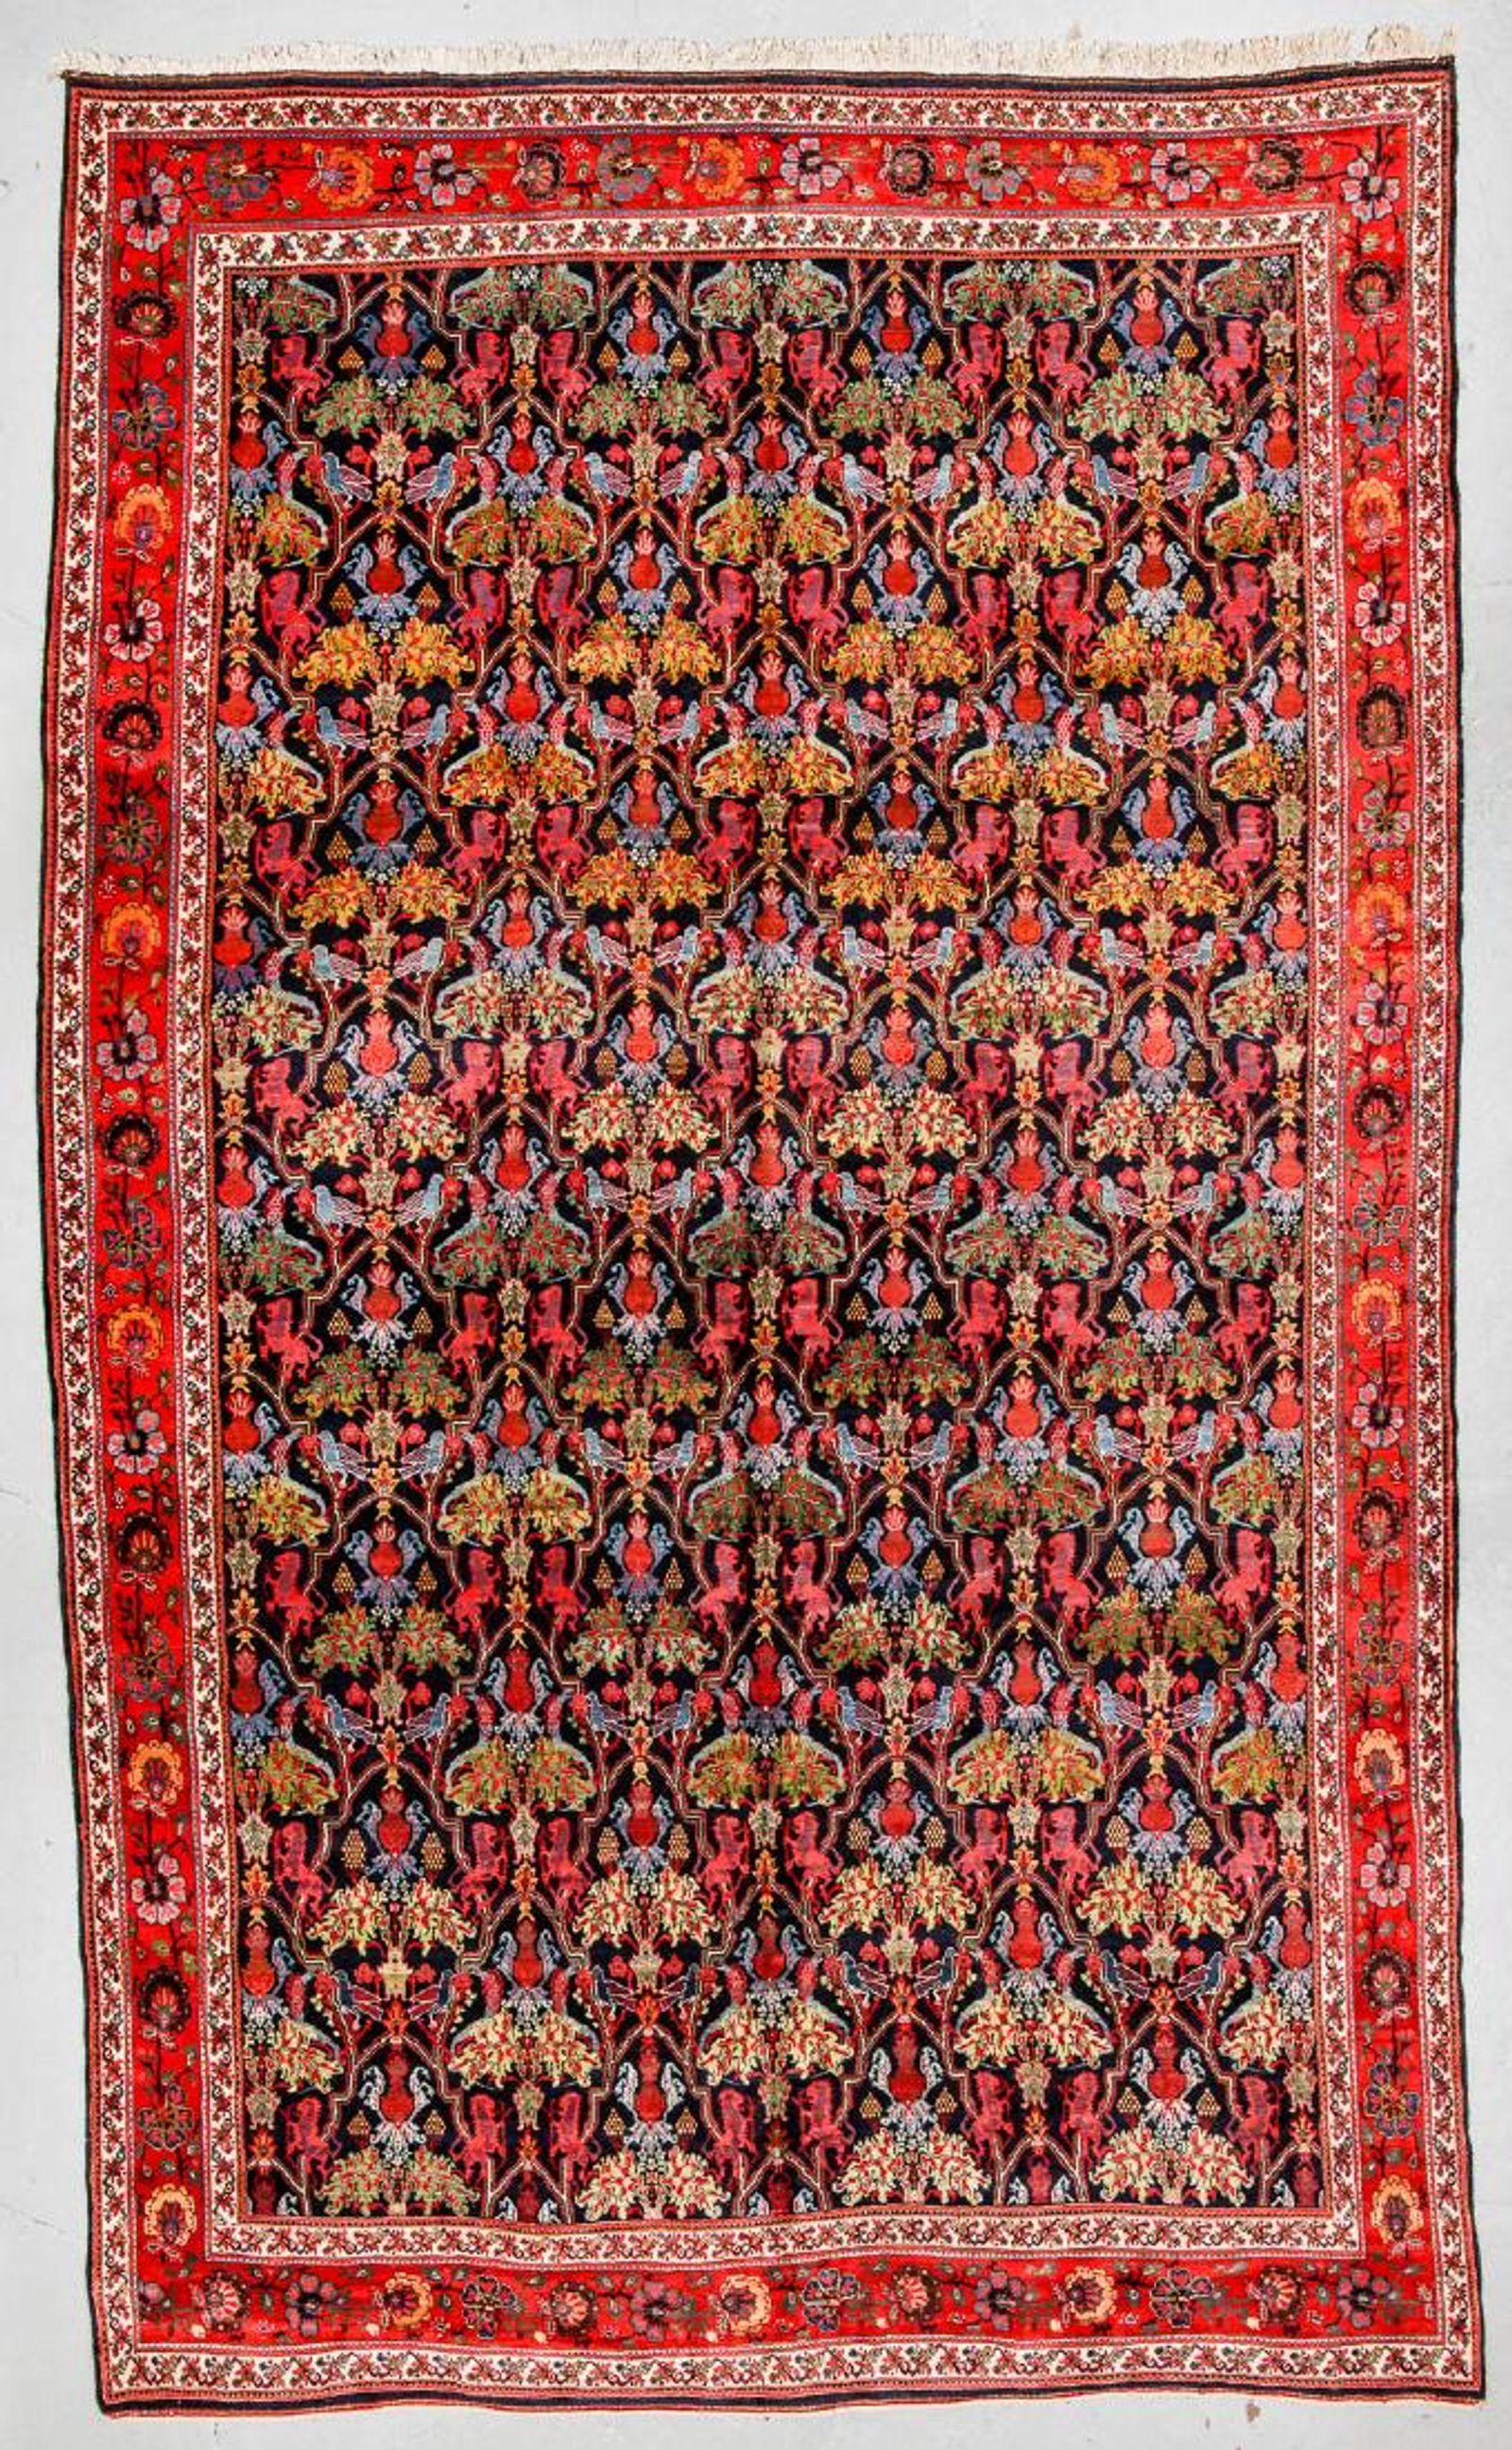 Fine Antique Bidjar Lion Rug Persia 12 11 X 20 10 Rugs On Carpet Rugs Antique Carpets